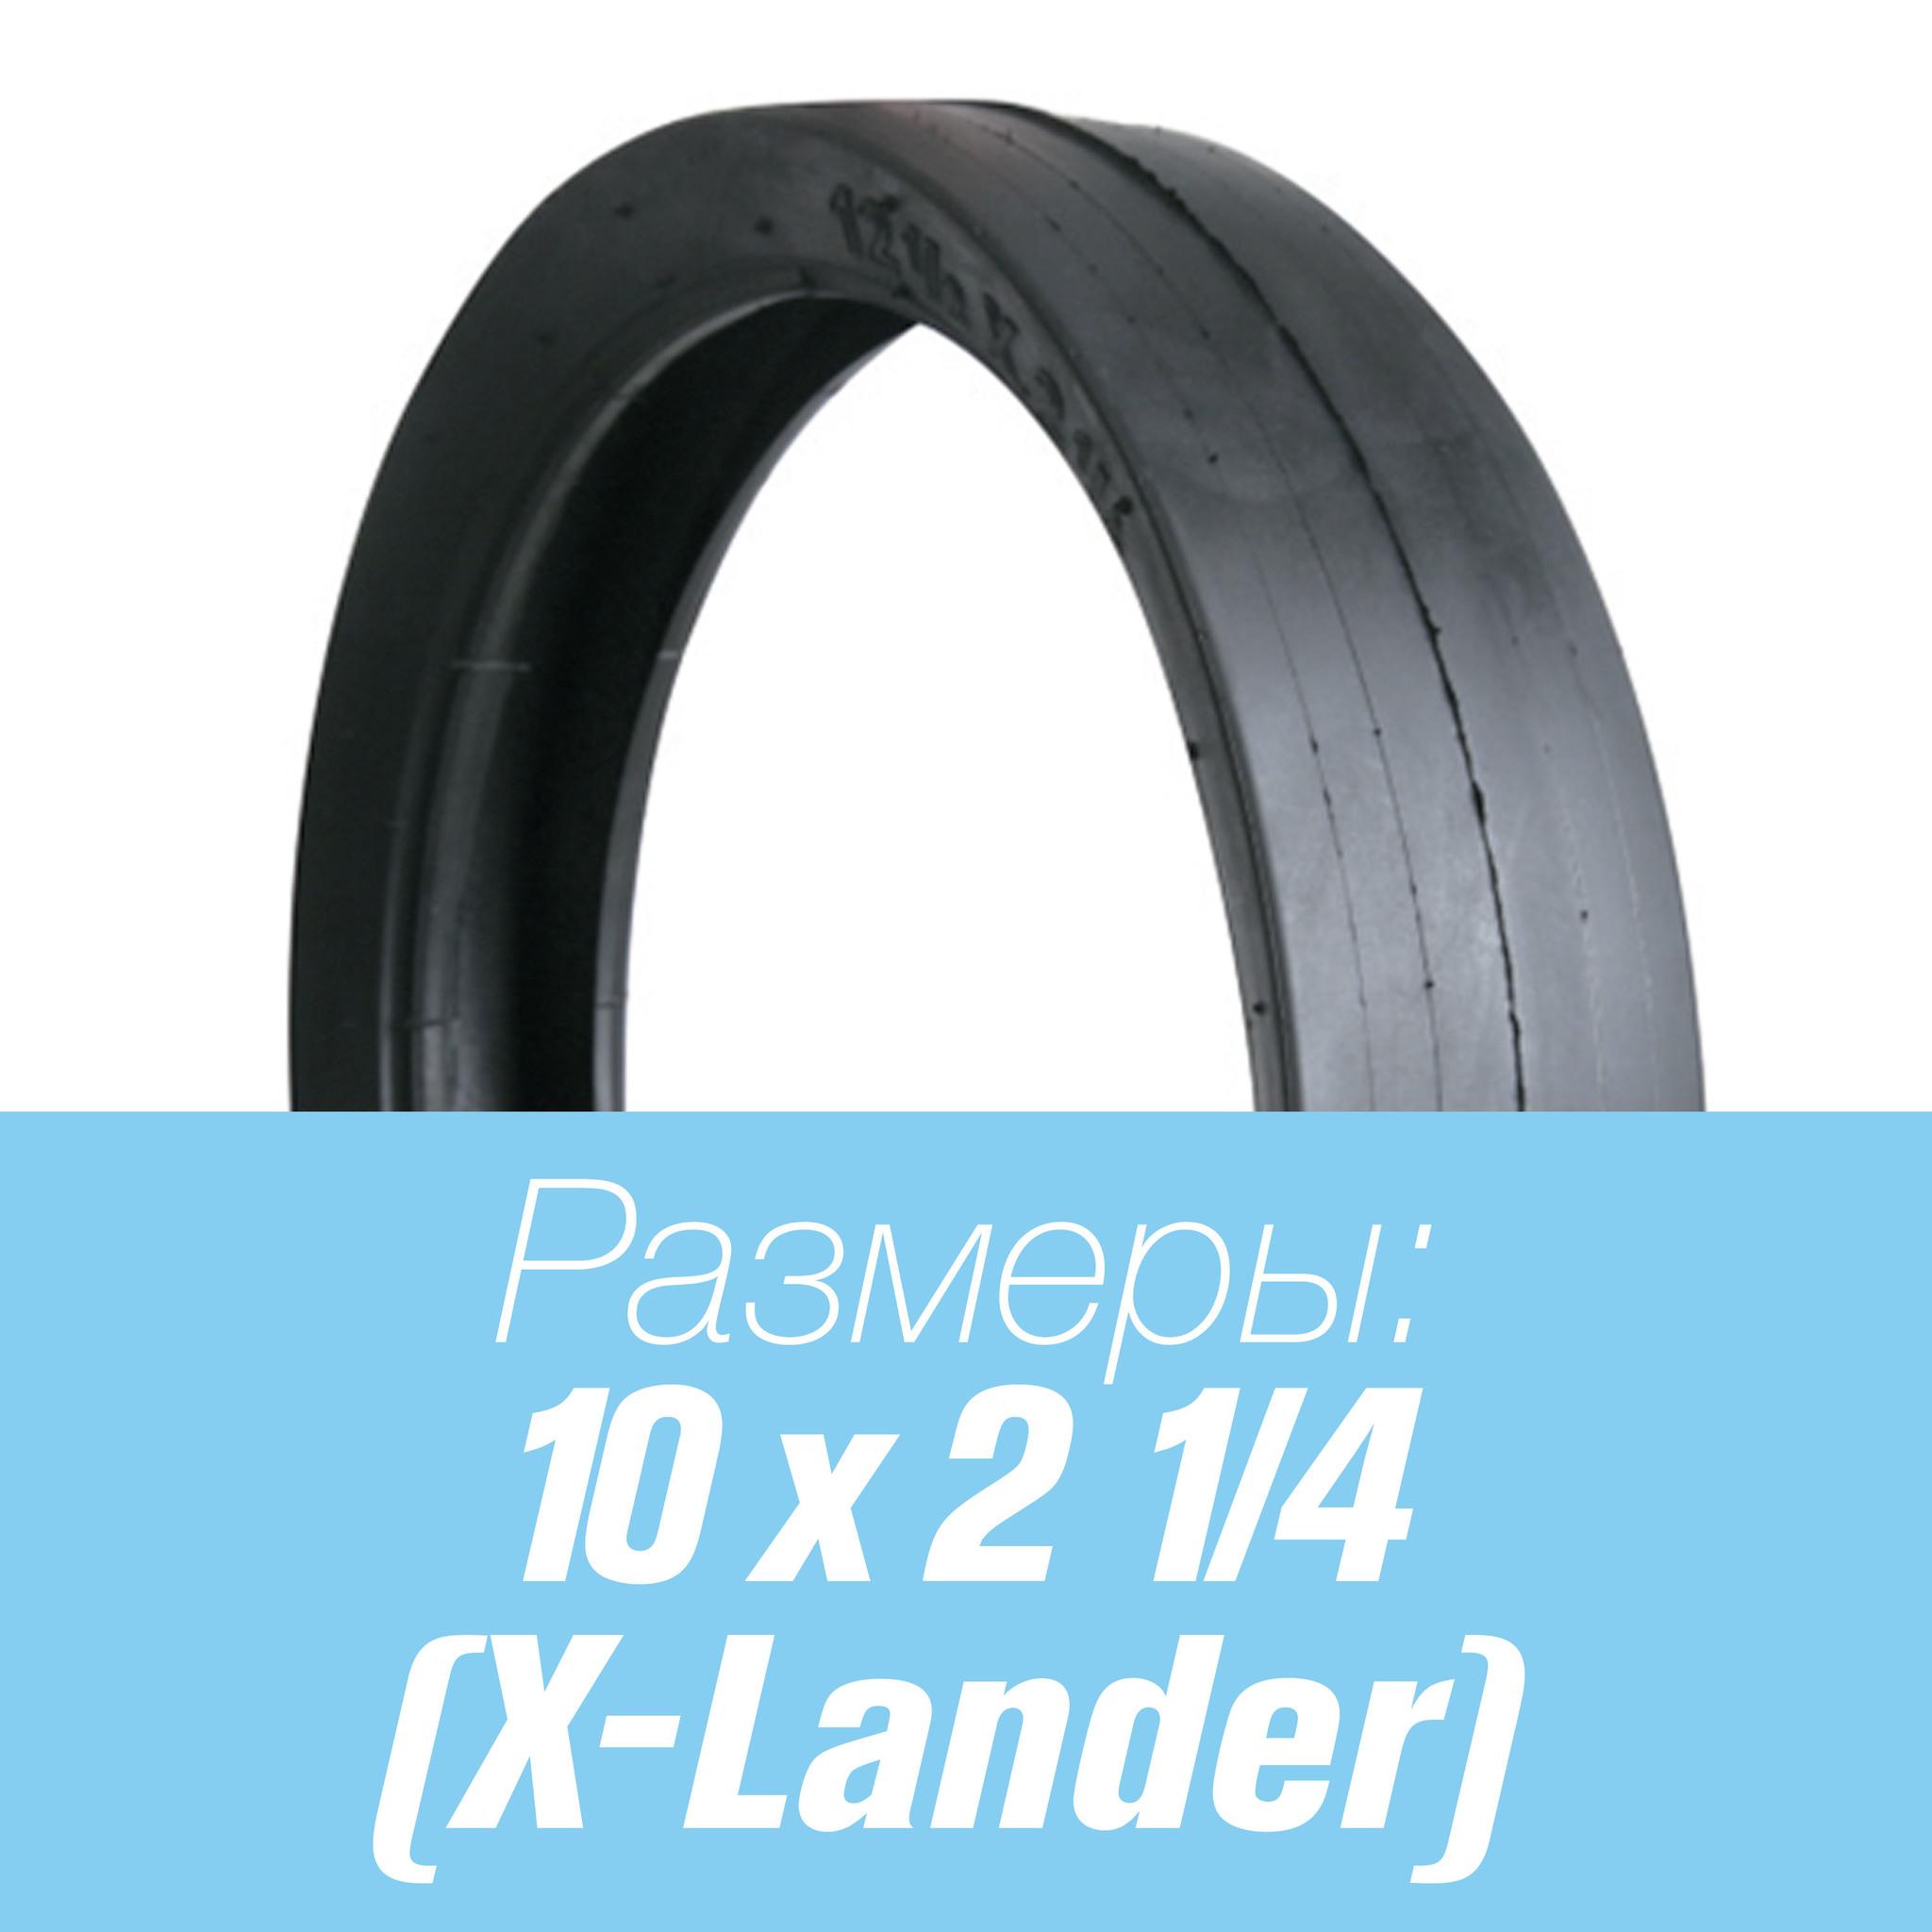 Покрышки на колеса детской коляски Покрышка для коляски X-Lander 10x2 1/4 10x2_xlander.jpg